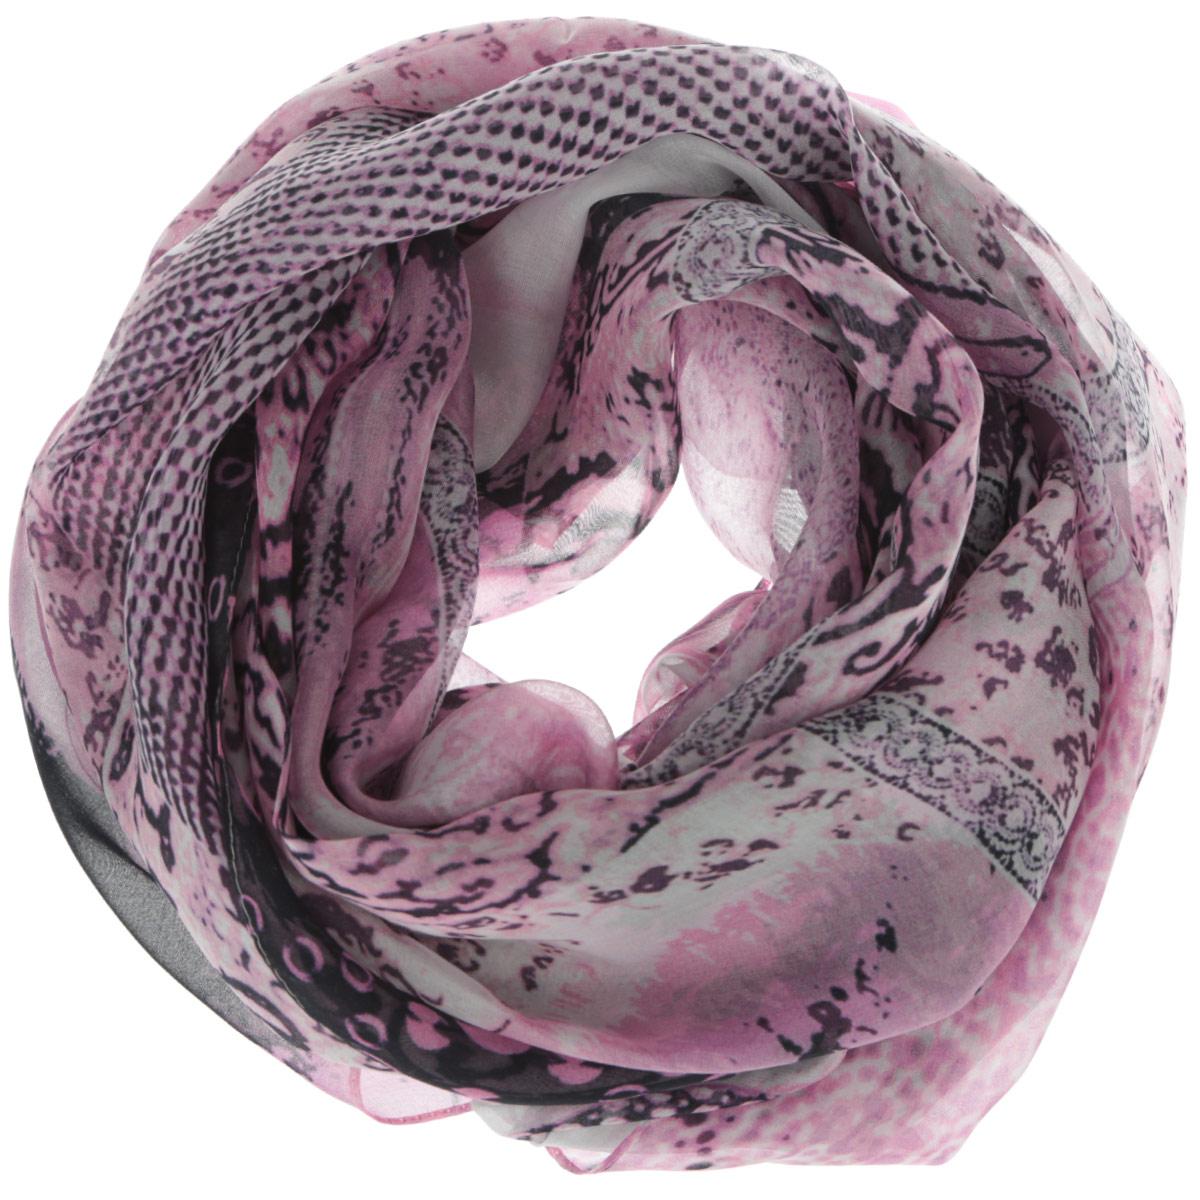 Шарф женский. 201509222201509222Женский шарф Leo Ventoni позволит вам создать неповторимый и запоминающийся образ. Изготовленный из высококачественного шелка, он очень легкий, мягкий, имеет приятную на ощупь текстуру. Модель оформлена ярким принтом. Такой аксессуар станет модным дополнением к гардеробу современной женщины, стремящейся всегда оставаться стильной и элегантной.